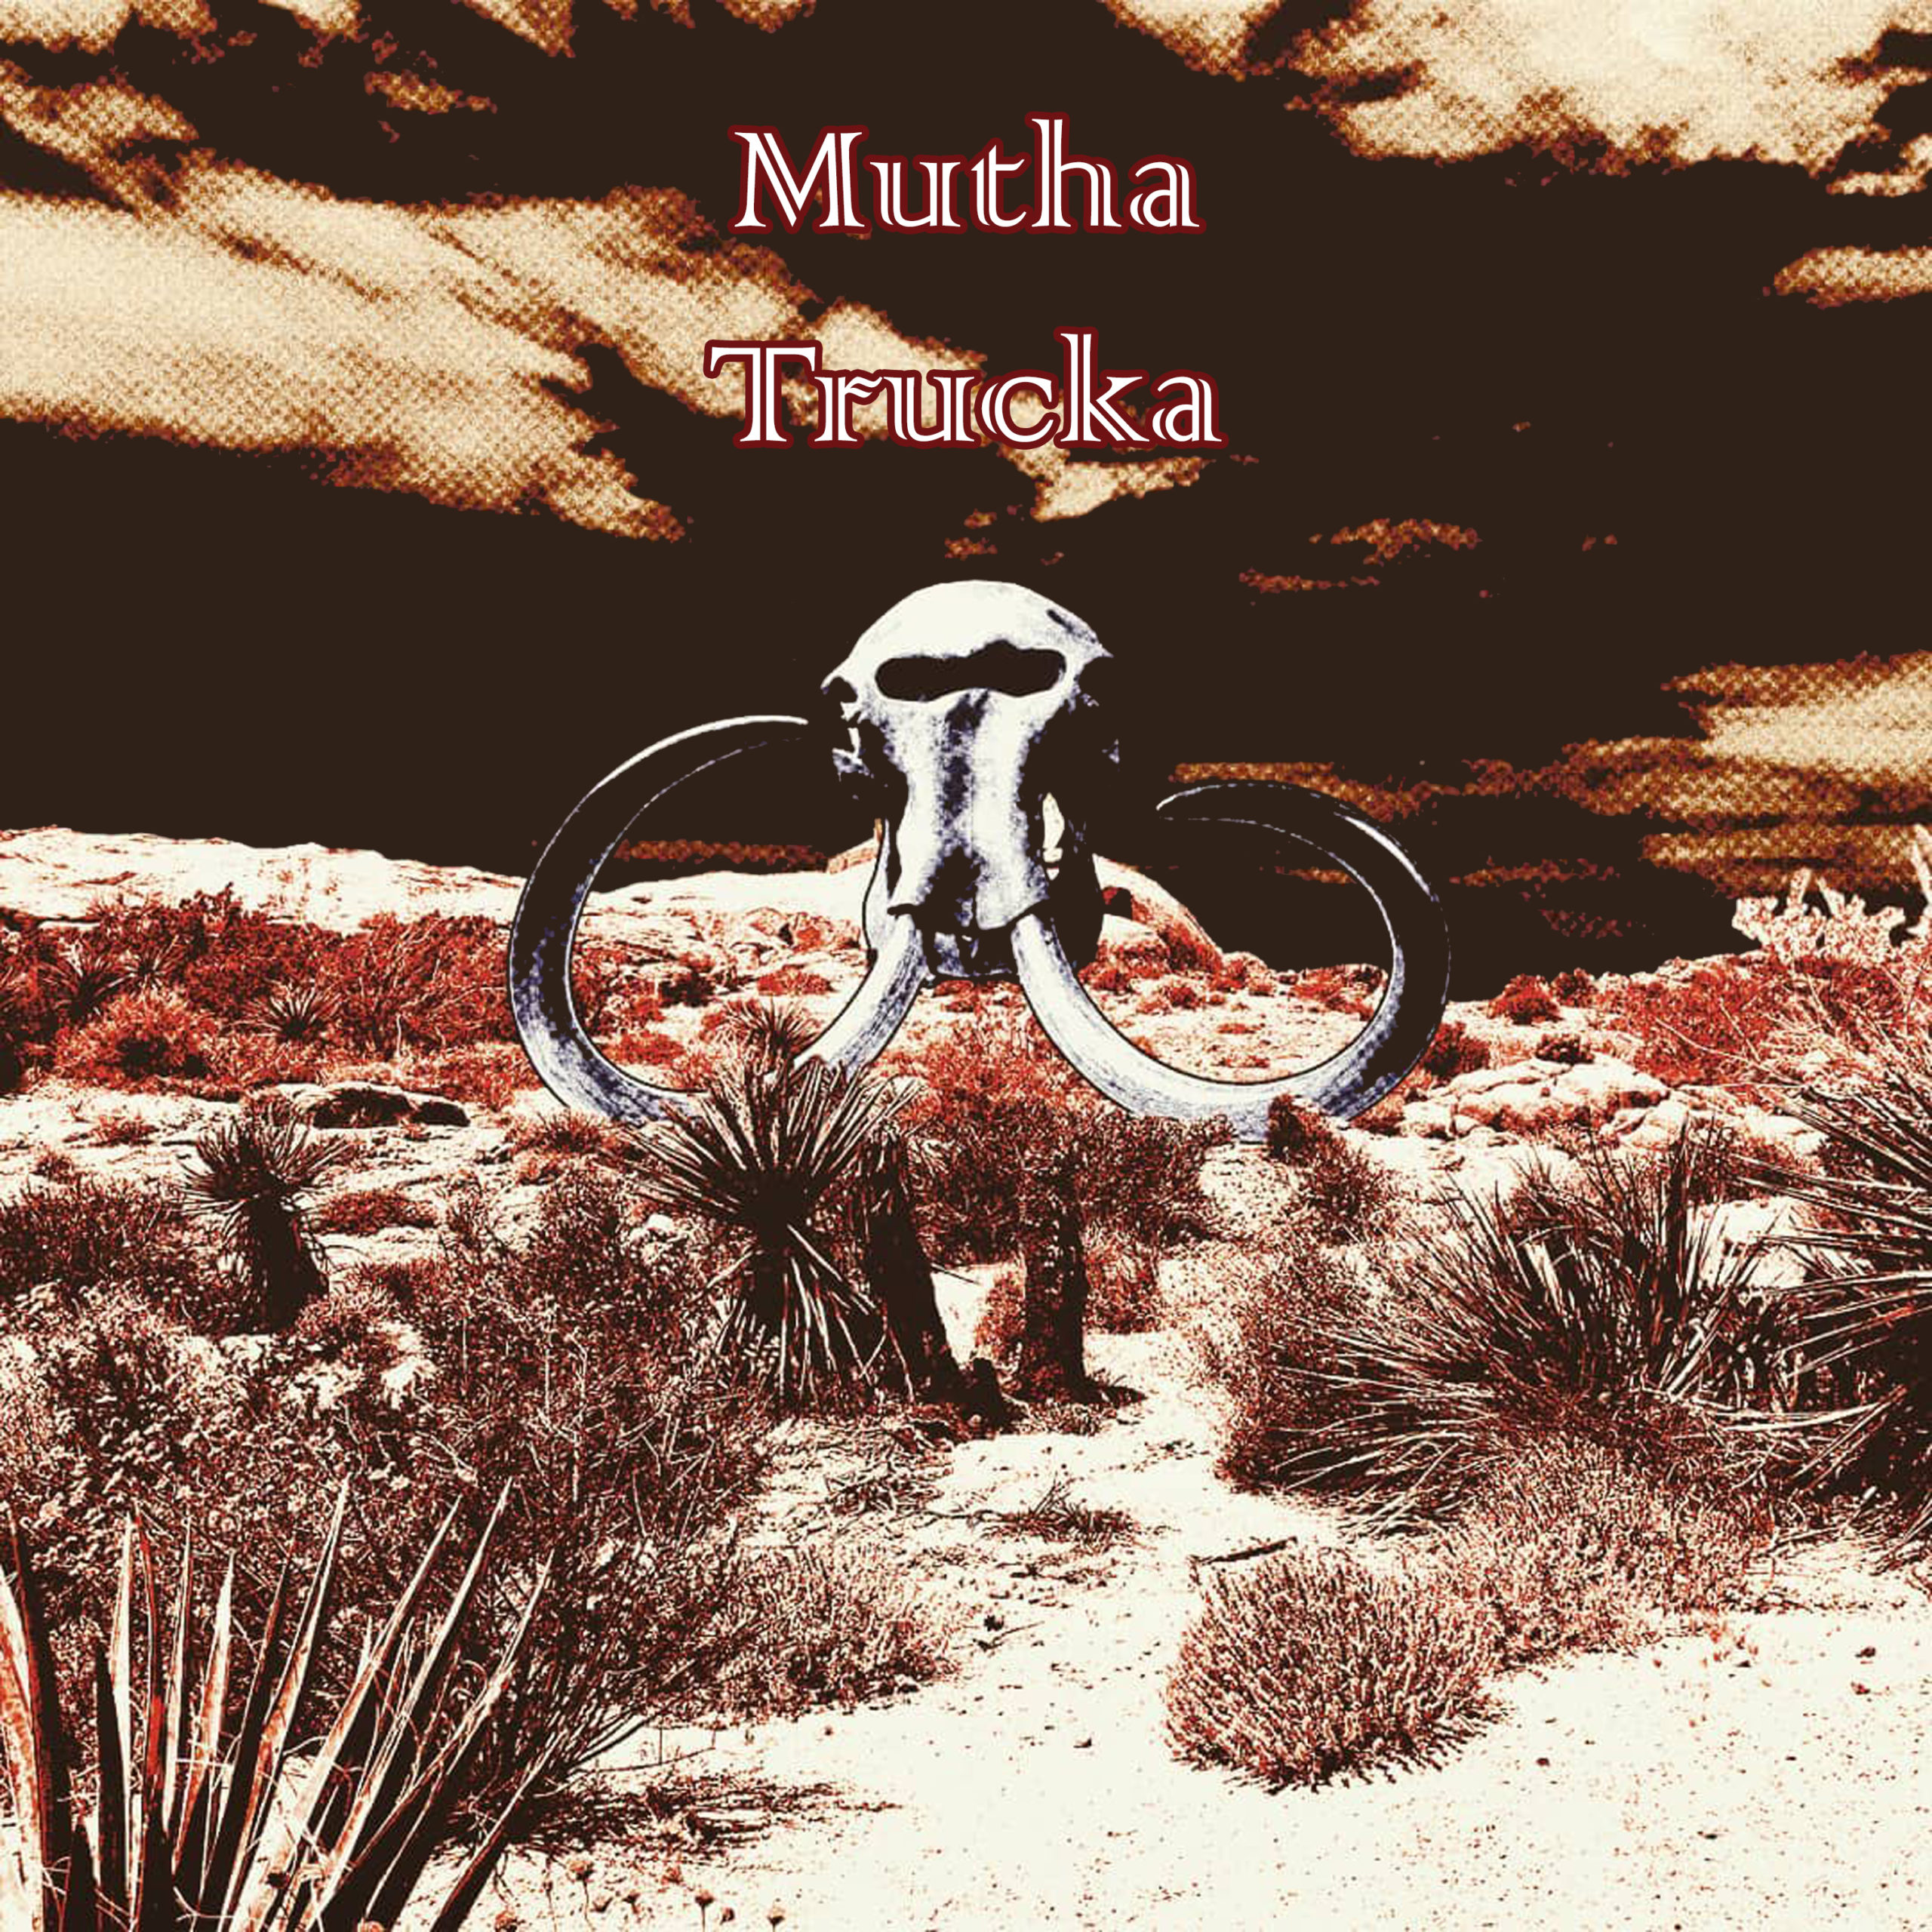 Mutha Trucka Mutha Trucka